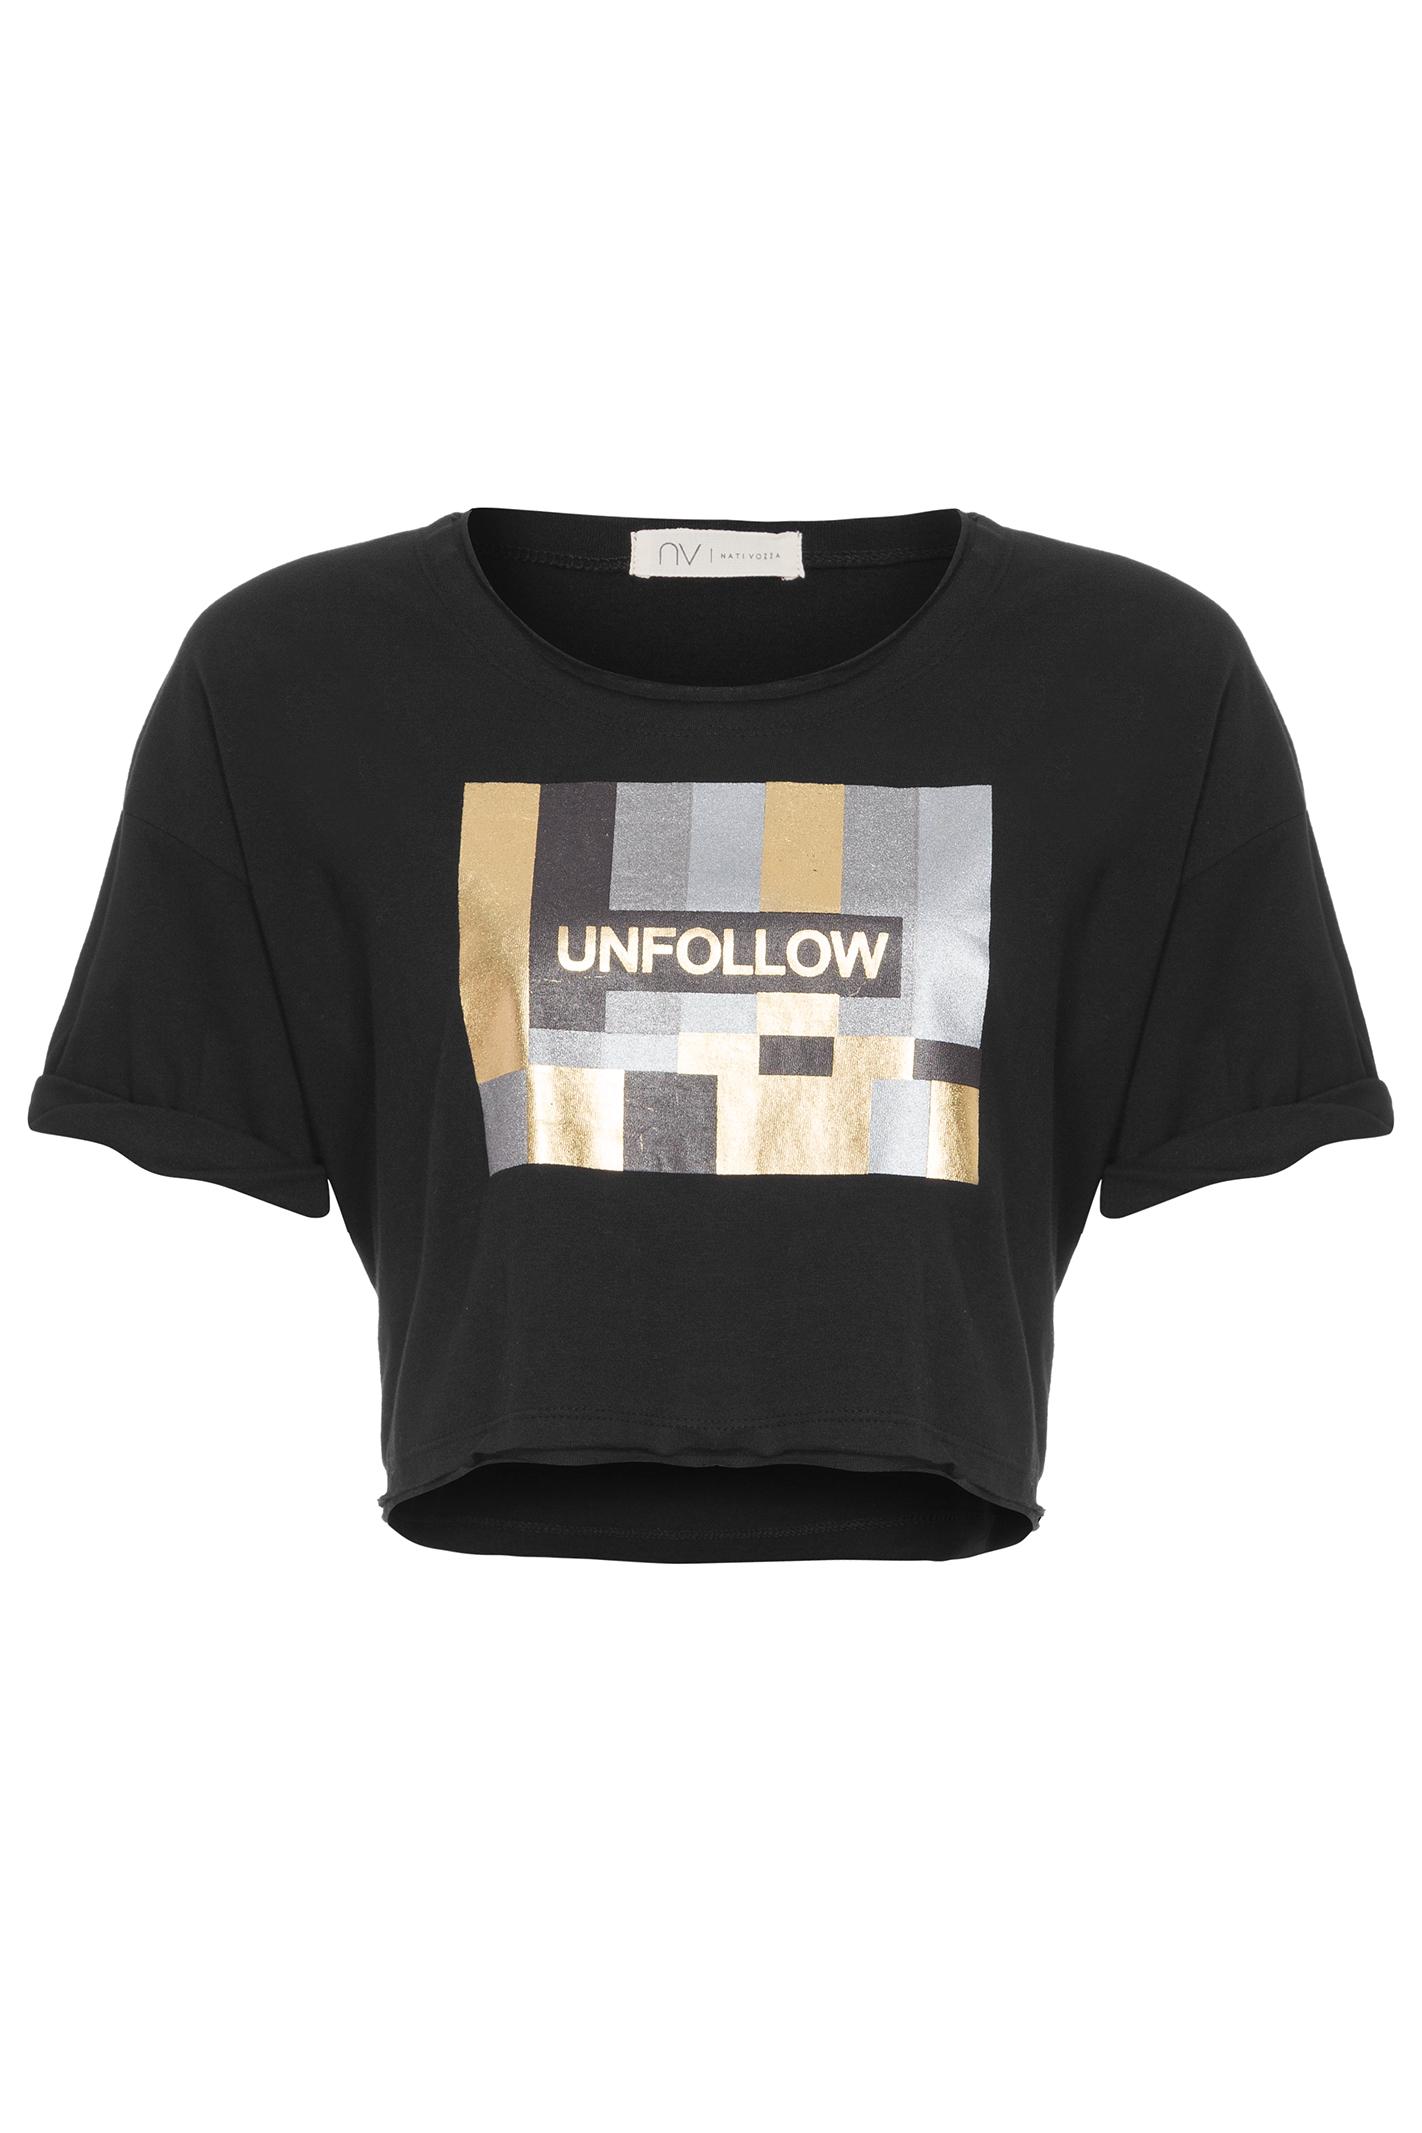 T-Shirt Unfollow